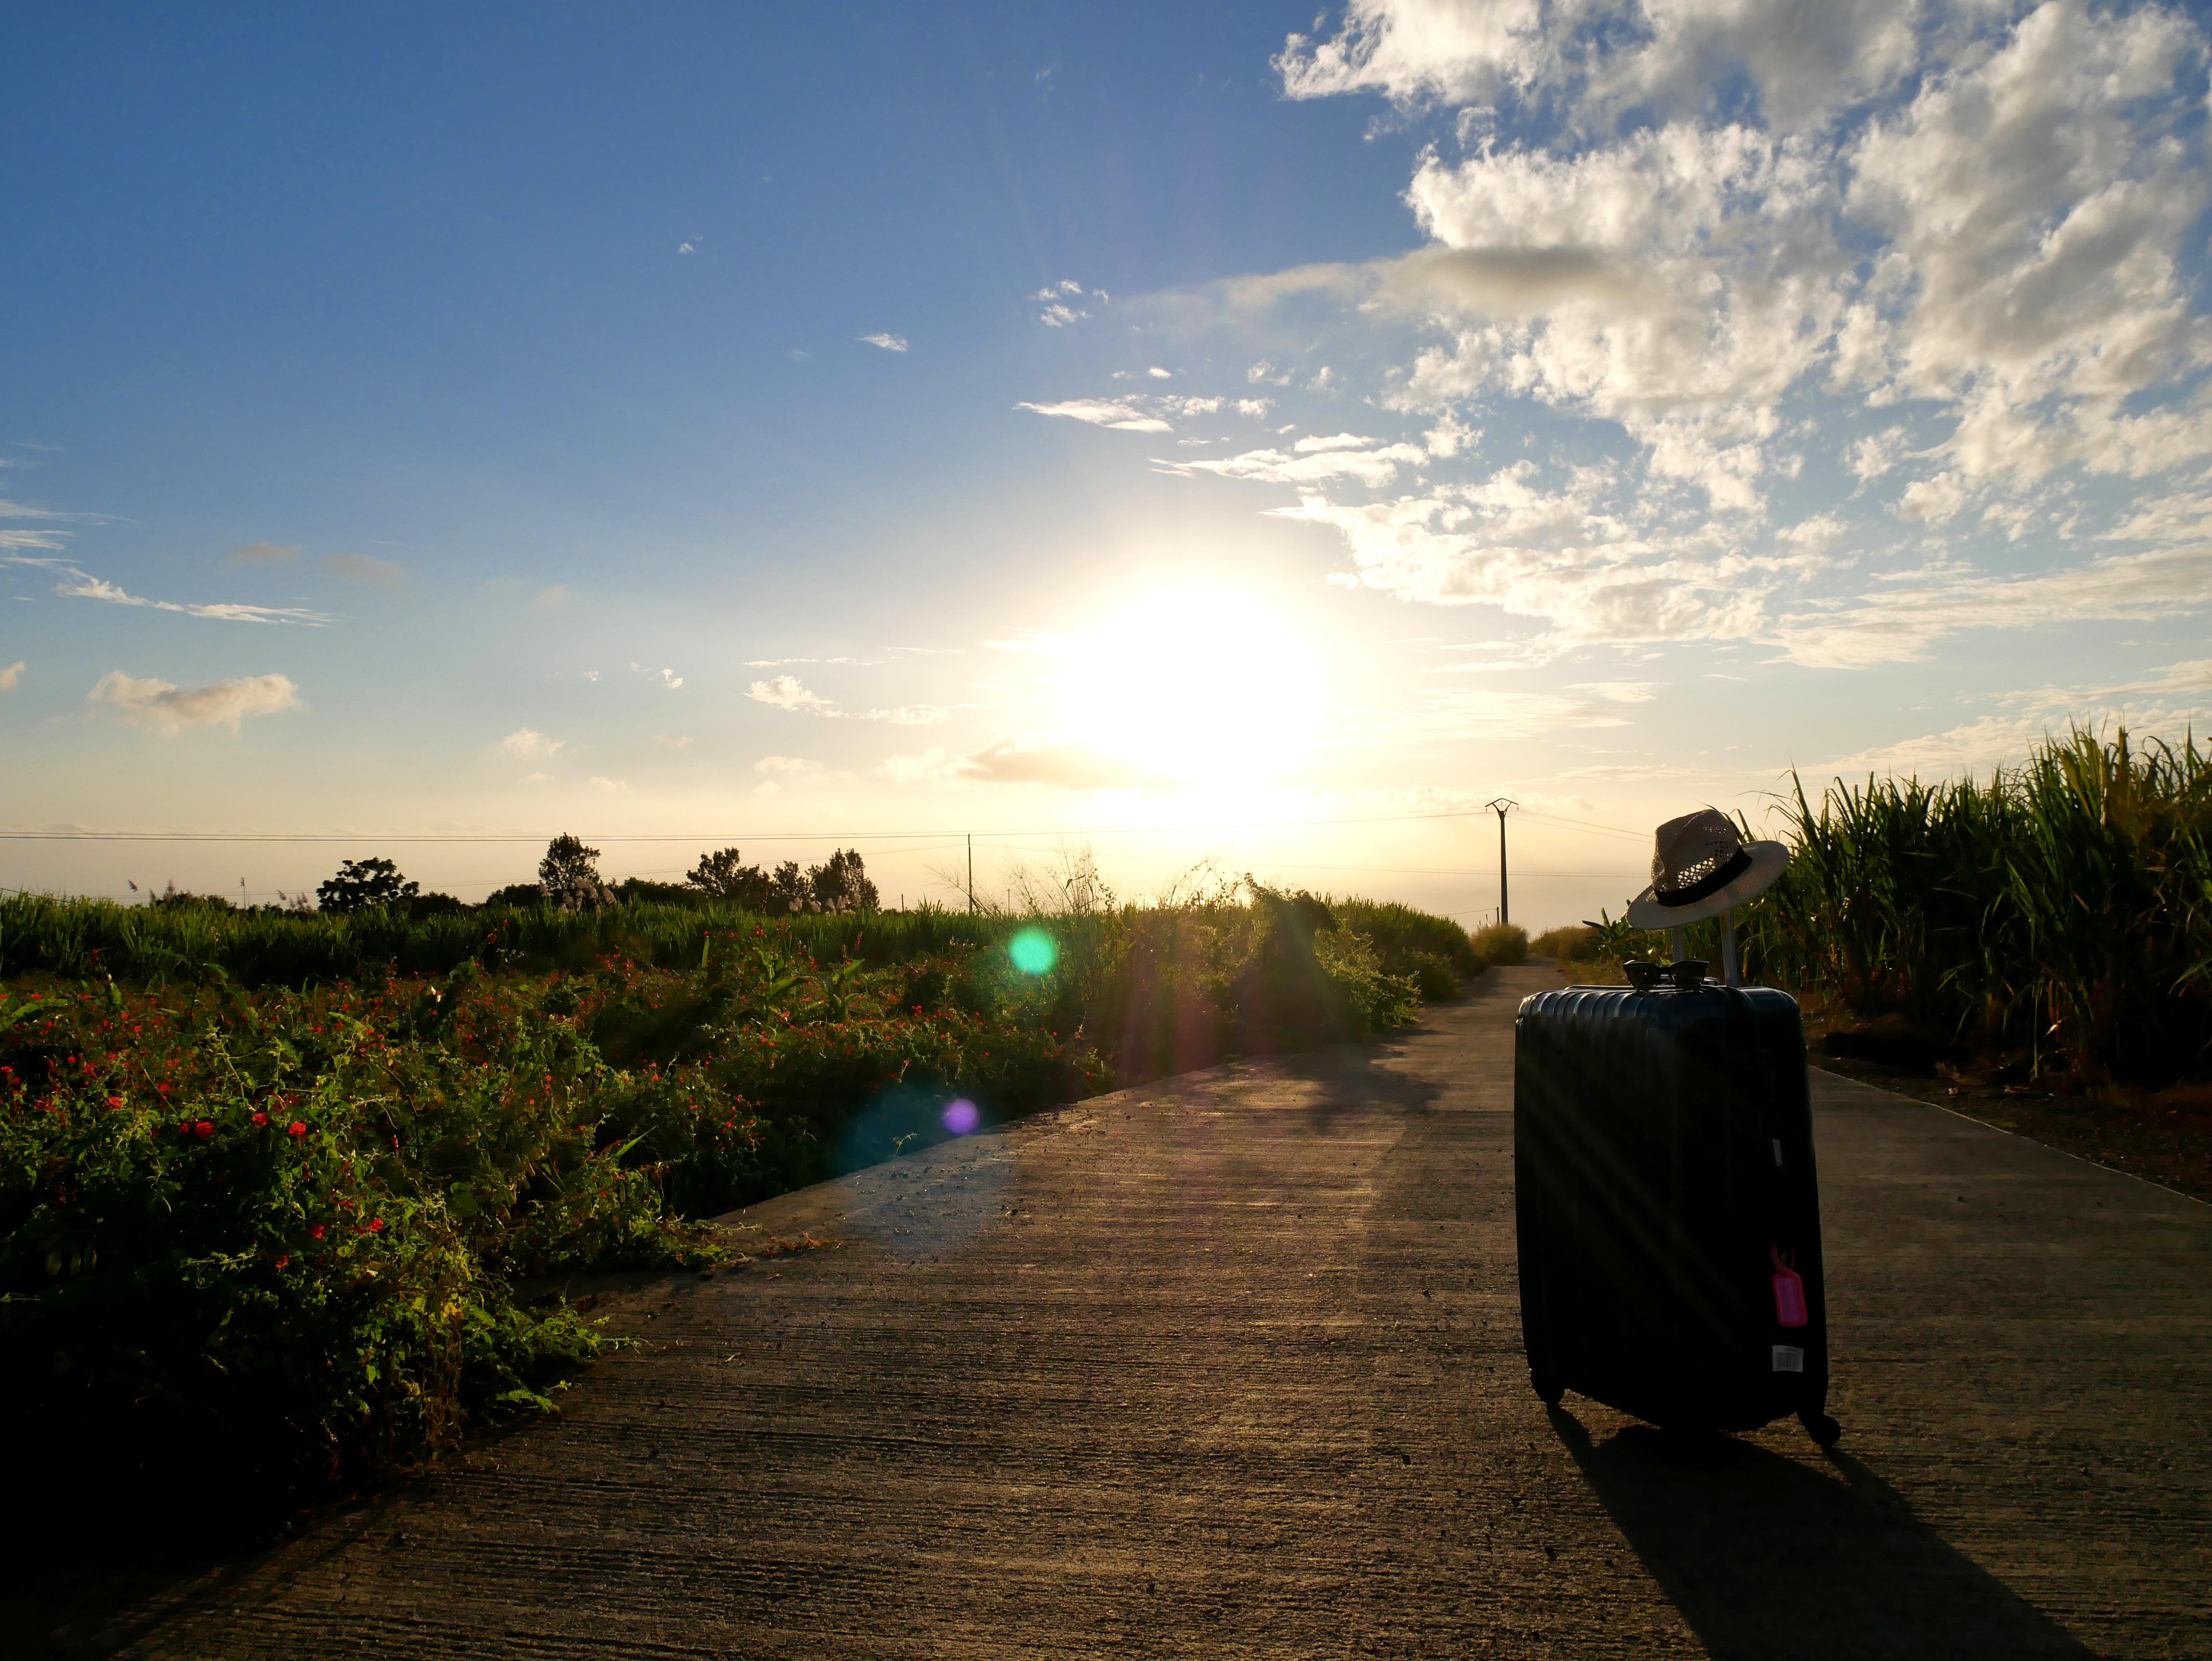 Conseils pour bien préparer votre voyage à Sainte-Marie et l'Île aux Nattes